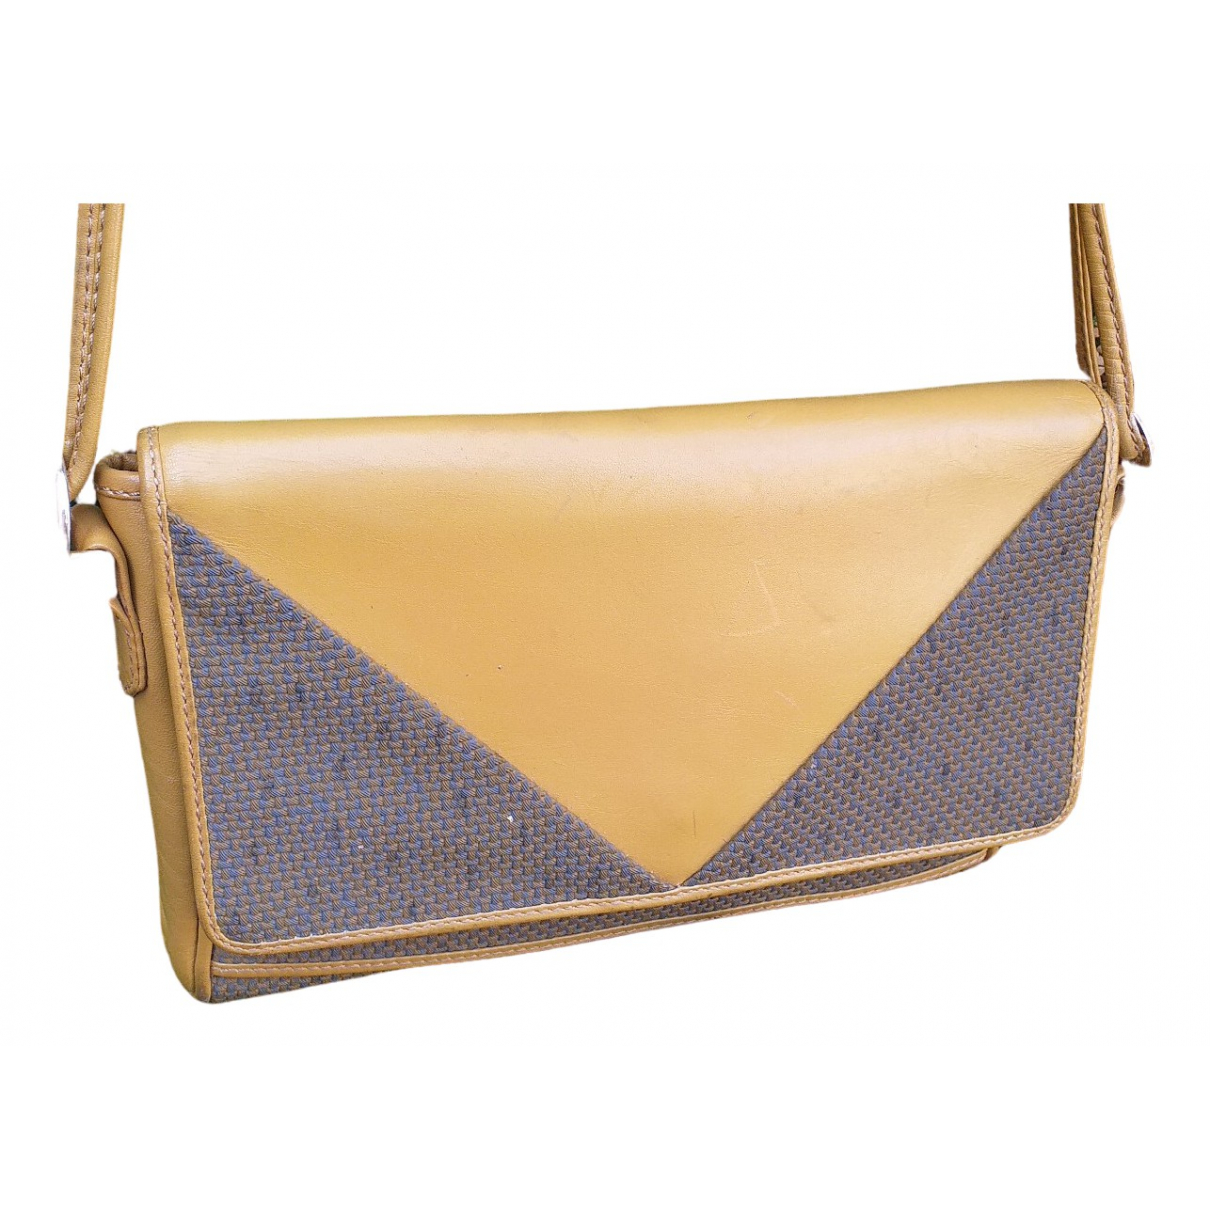 Yves Saint Laurent \N Leather handbag for Women \N